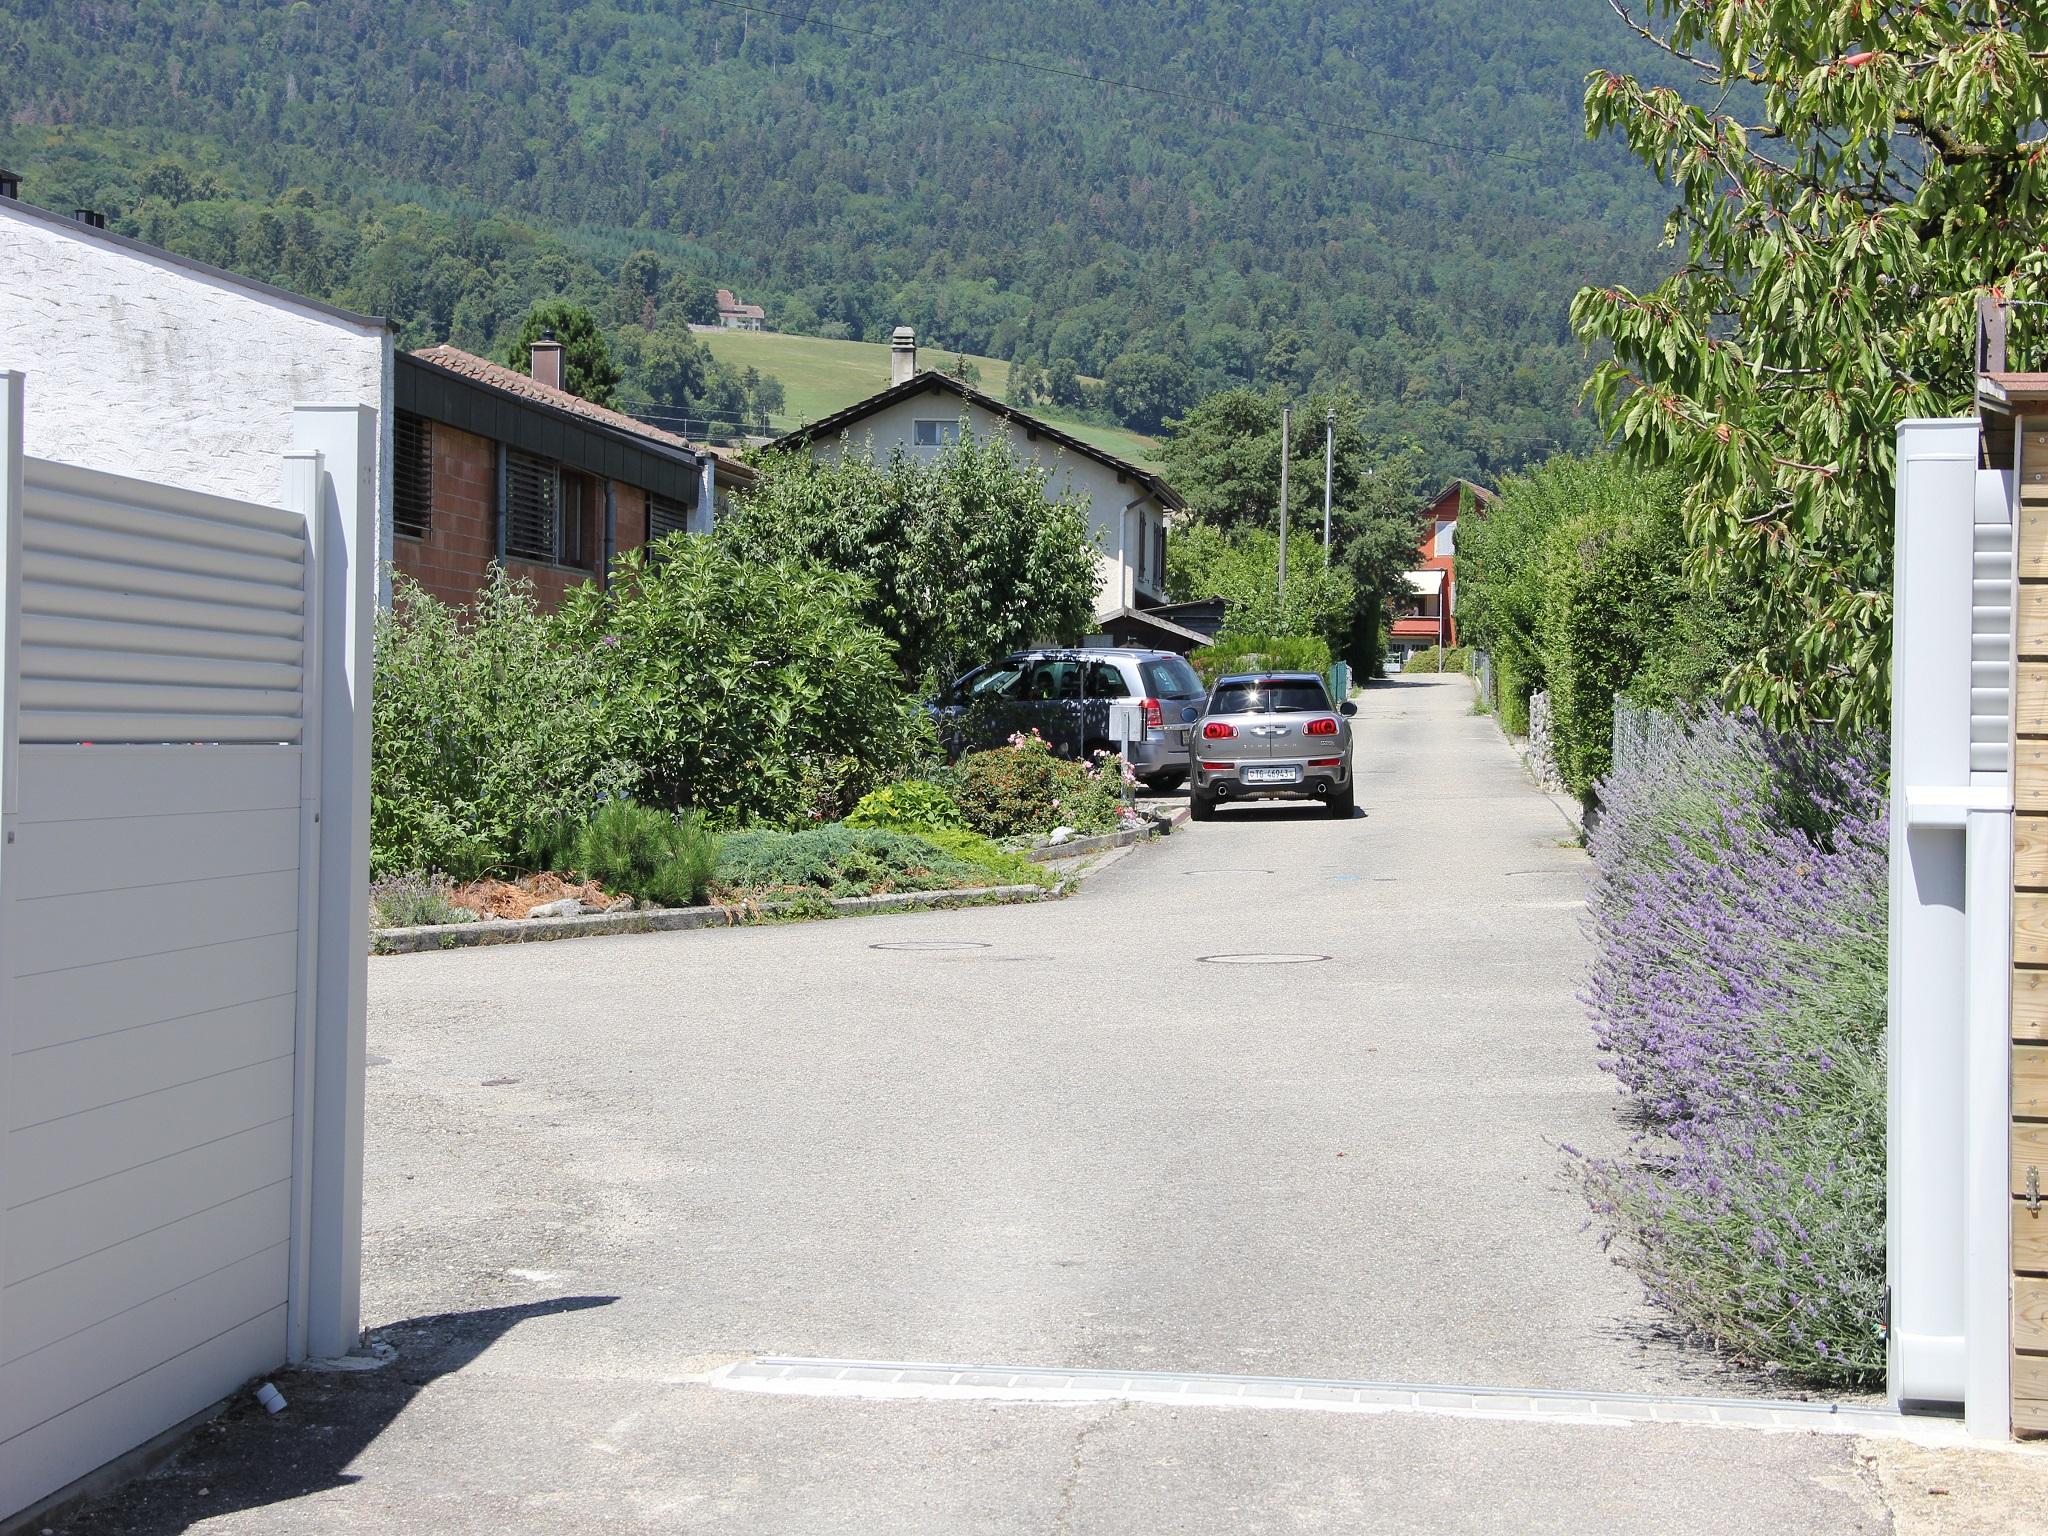 Appartement de vacances relaxe zu Hause ds 3pc oder im Studio eingerichteter Whirlpool und Pool im Somme (2520436), Bevaix, Lac de Neuchâtel, Jura - Neuchâtel, Suisse, image 8